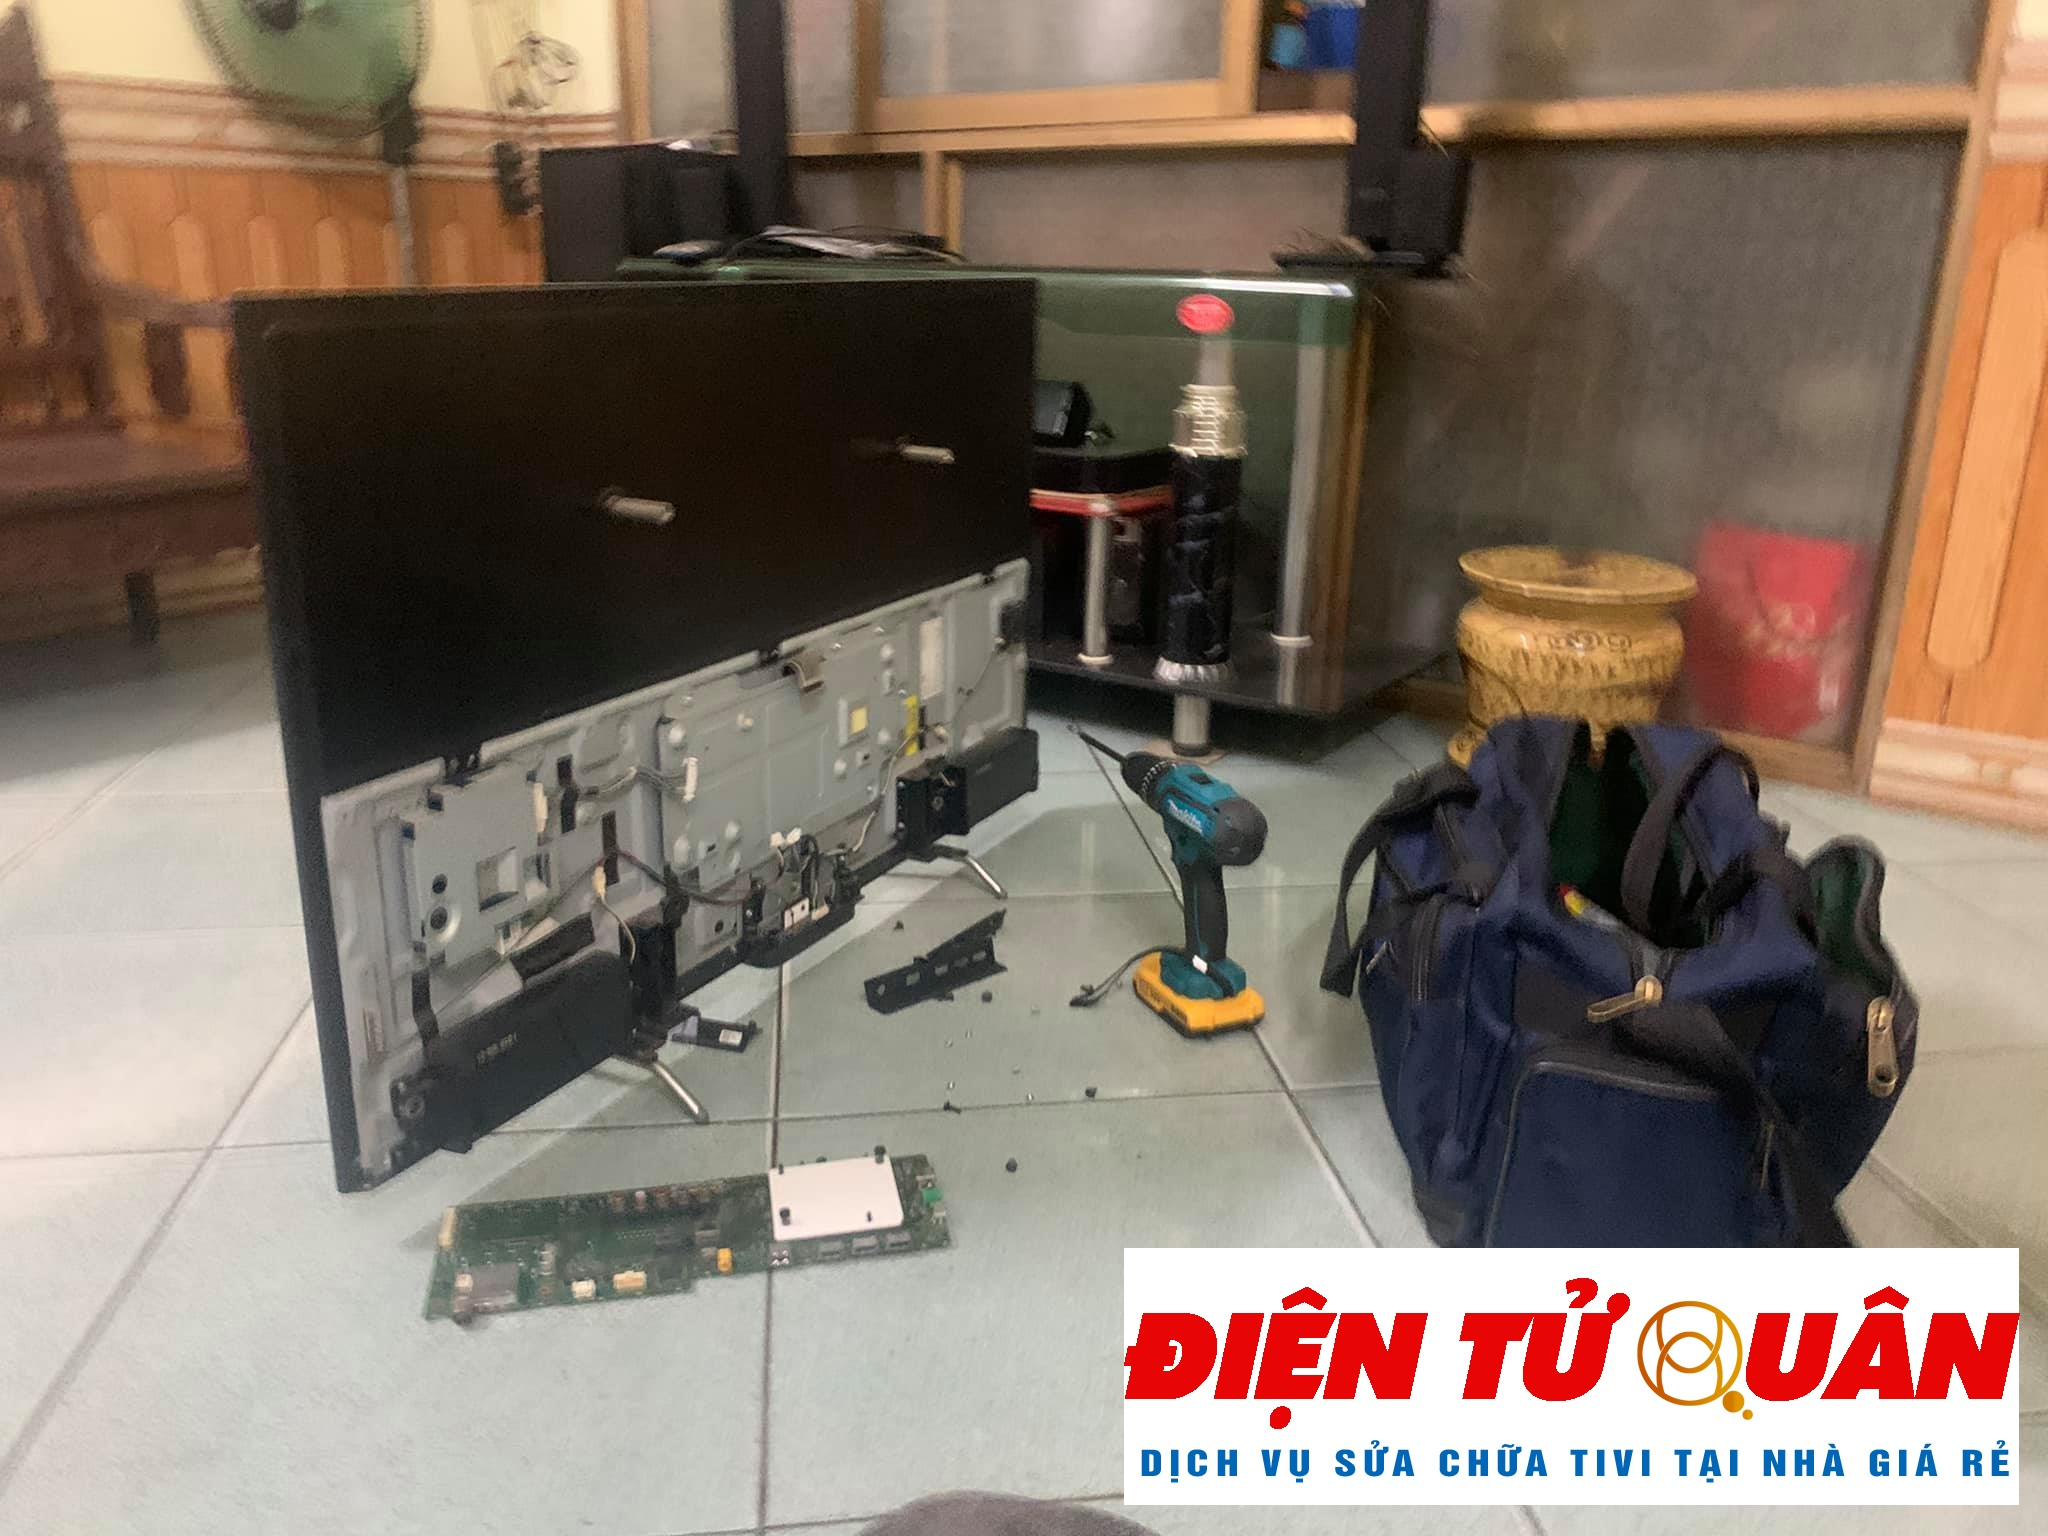 Dịch Vụ Sửa Tivi Toshiba Tại Nhà Quận 12 Giá Rẻ